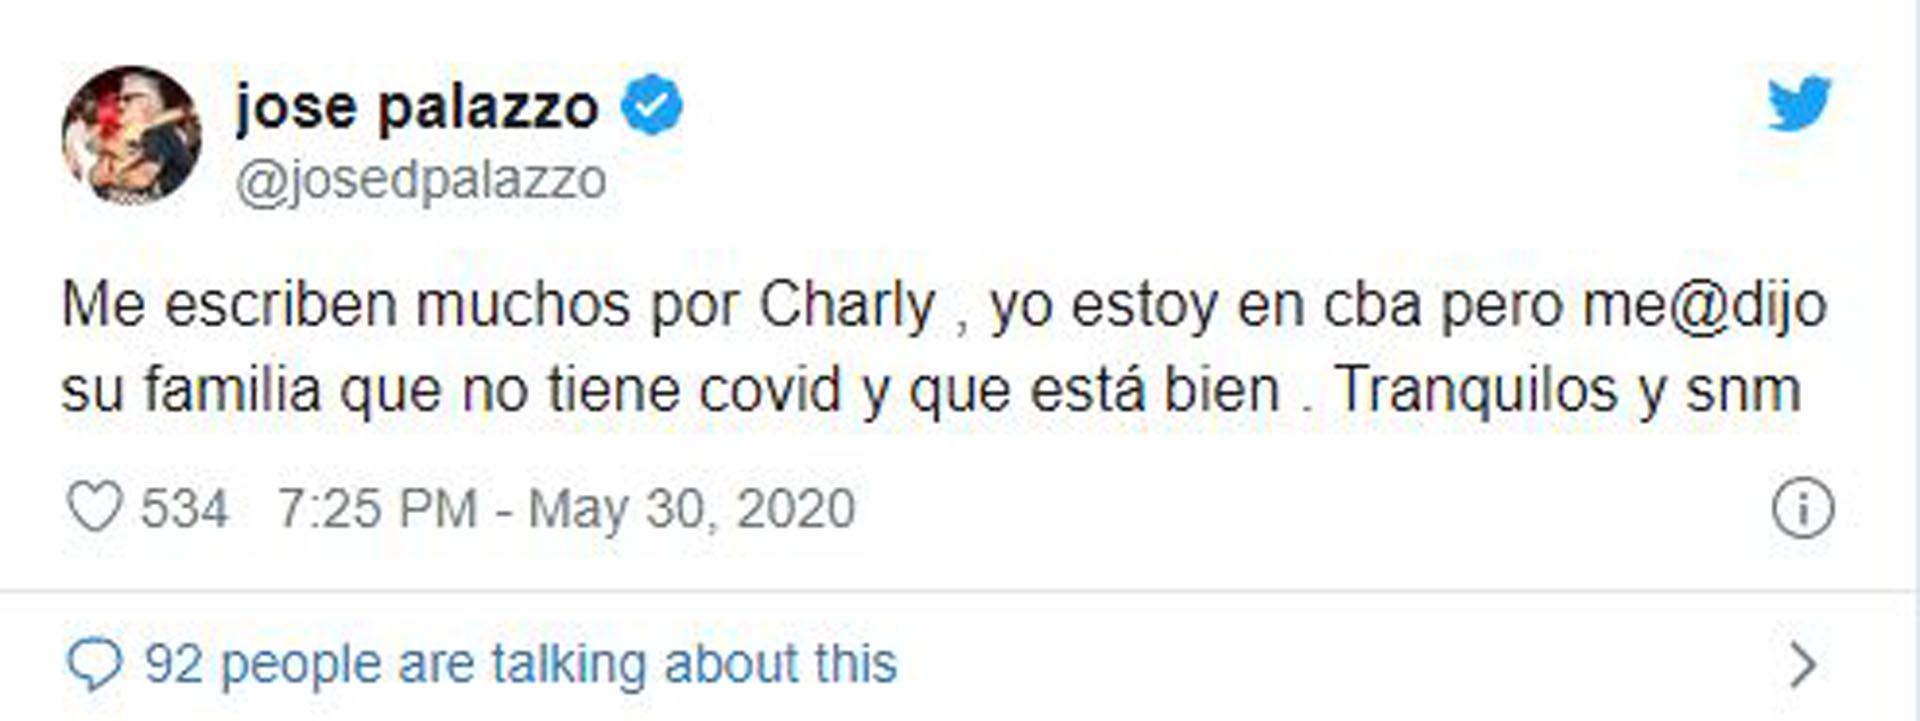 El mensaje del mánager de Charly sobre su salud (Foto: Twitter)